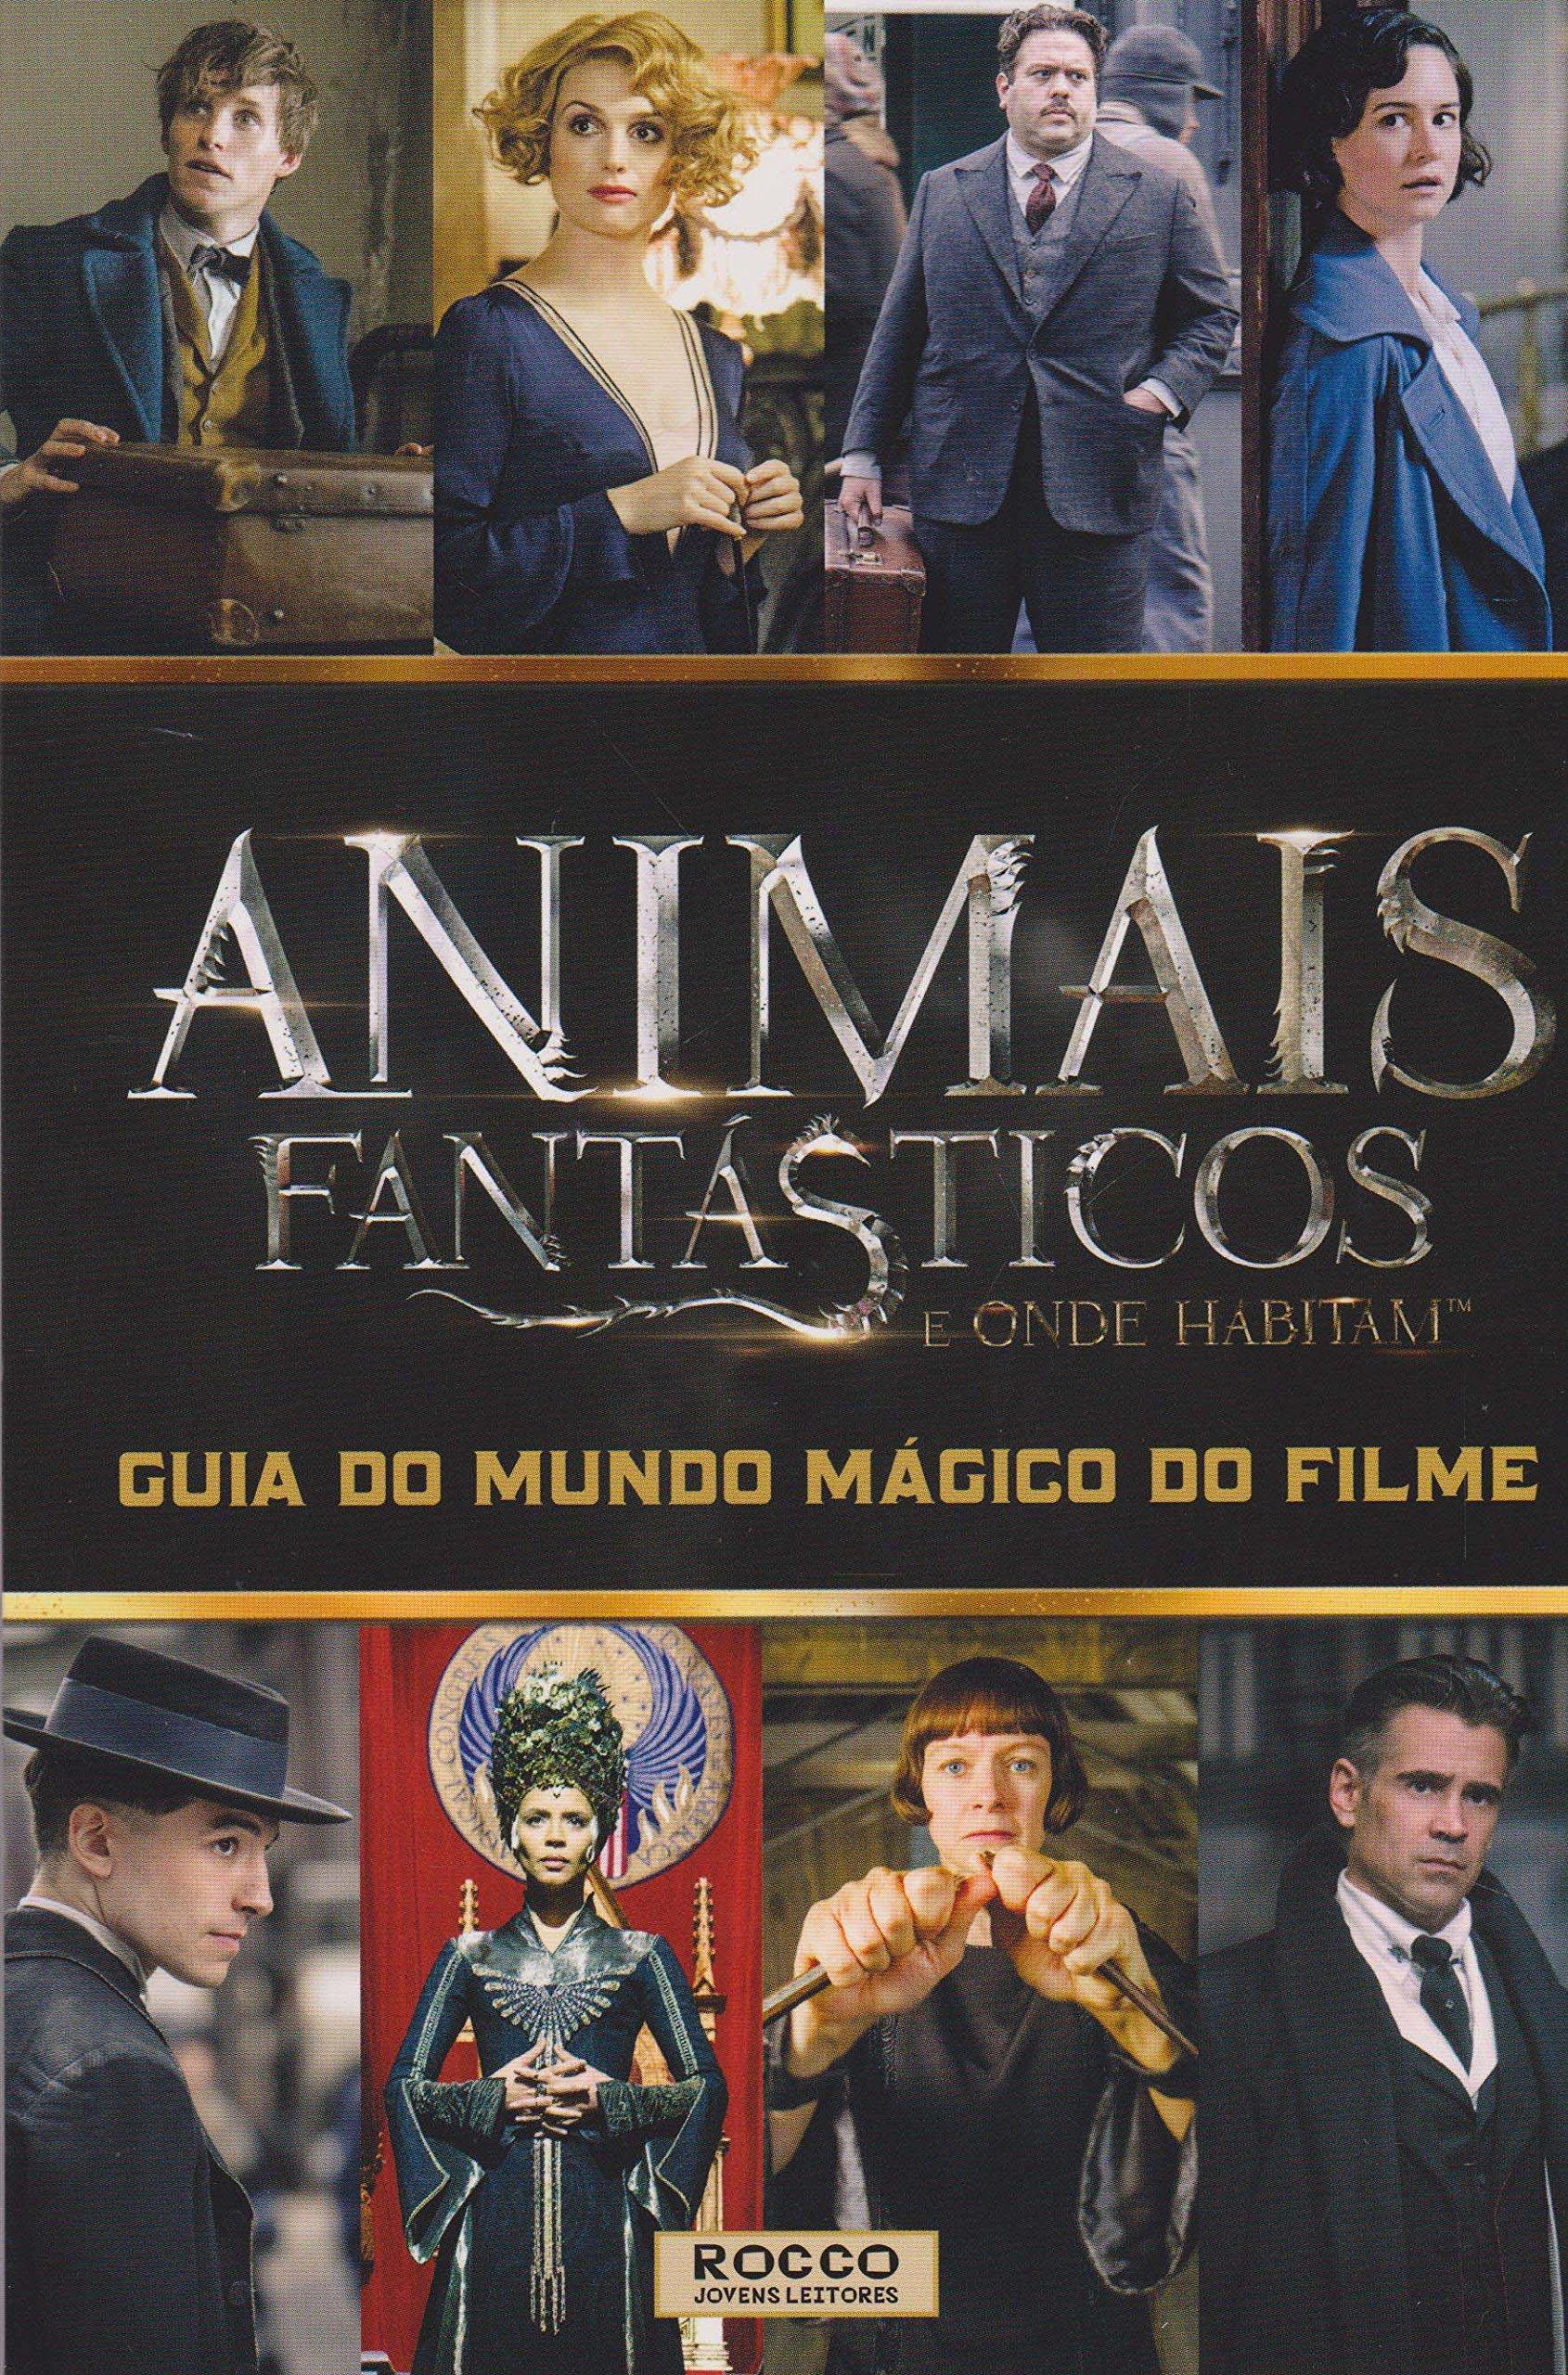 Animais Fantásticos Guia do Filme